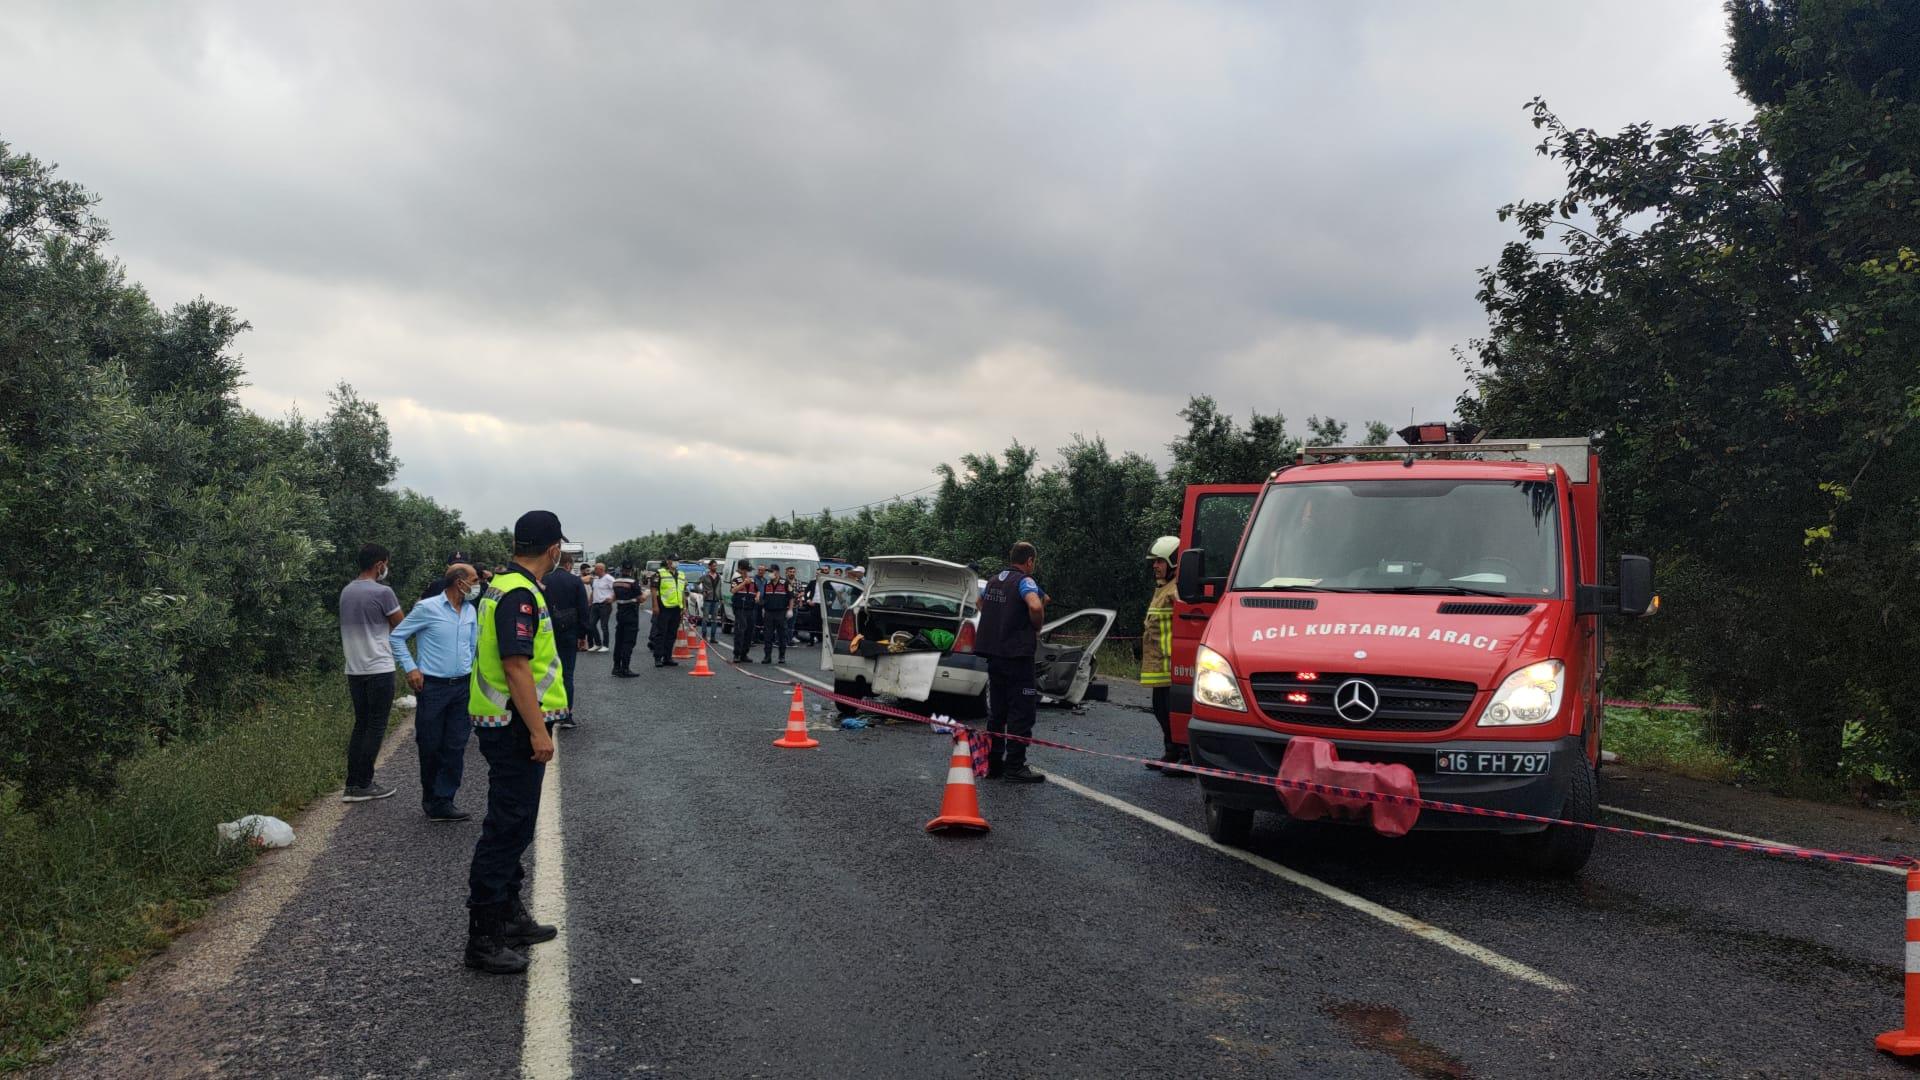 Karşı yönden gelen araçlar kafa kafaya çarpıştı, araçlar hurdaya döndü: 5 kişi hayatını kaybetti